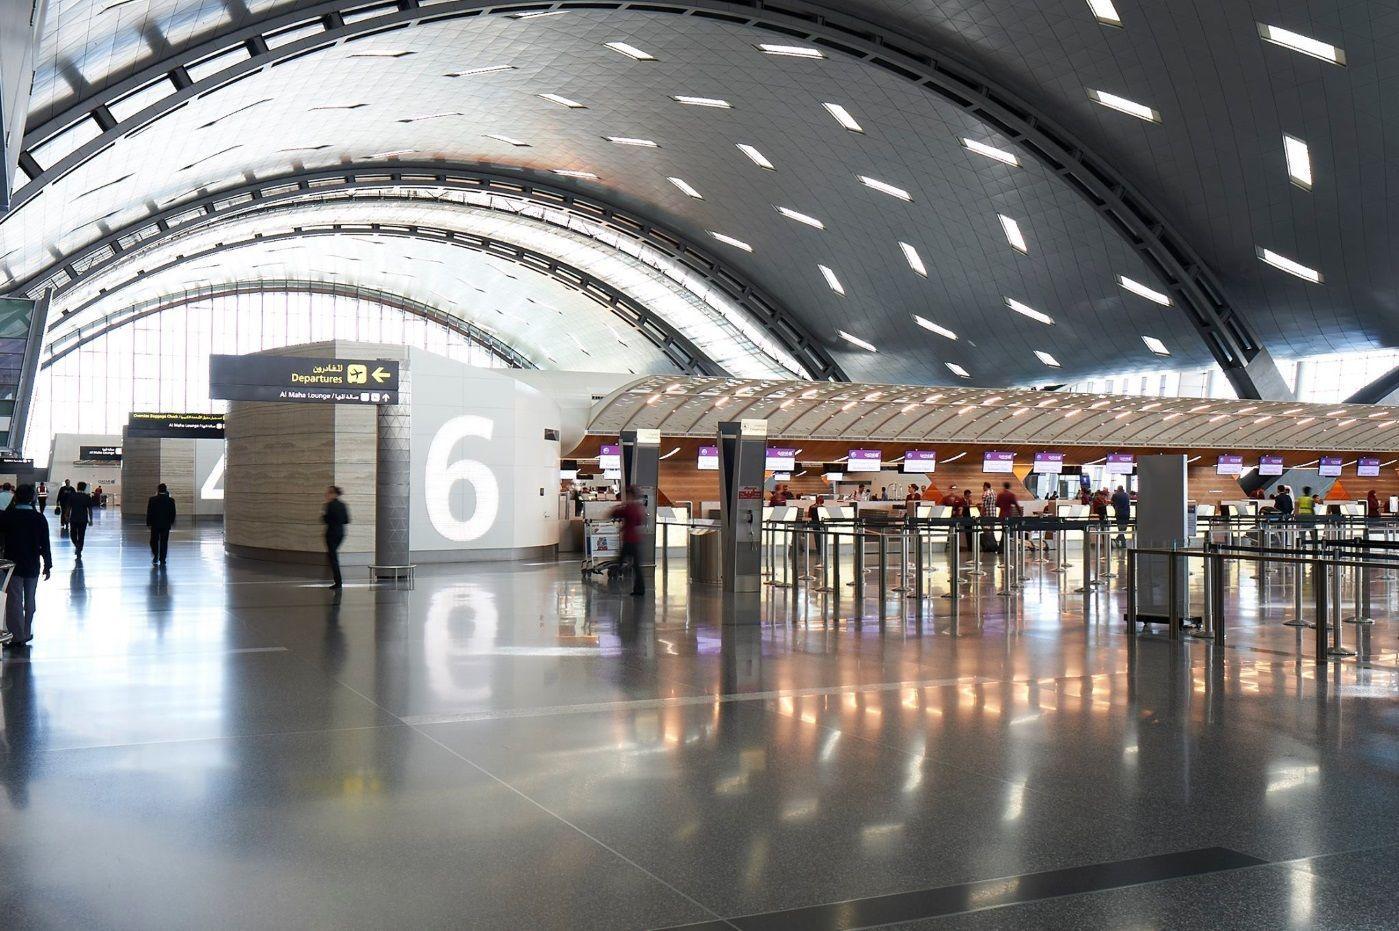 Міжнародний аеропорт Хамад - Доха, Катар